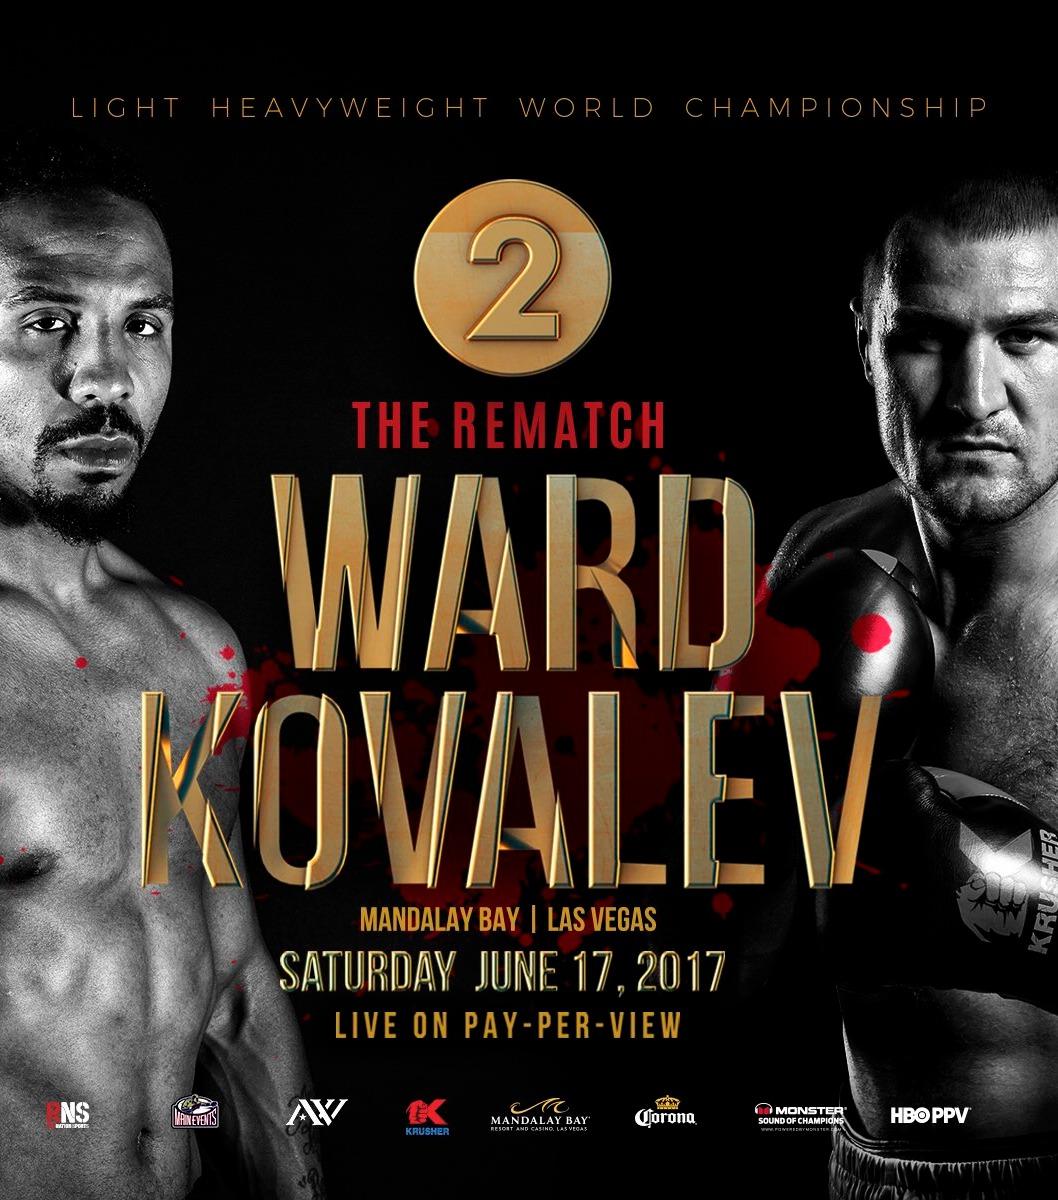 Andre Ward v Sergey Krusher Kovalev 2 June 17 2017